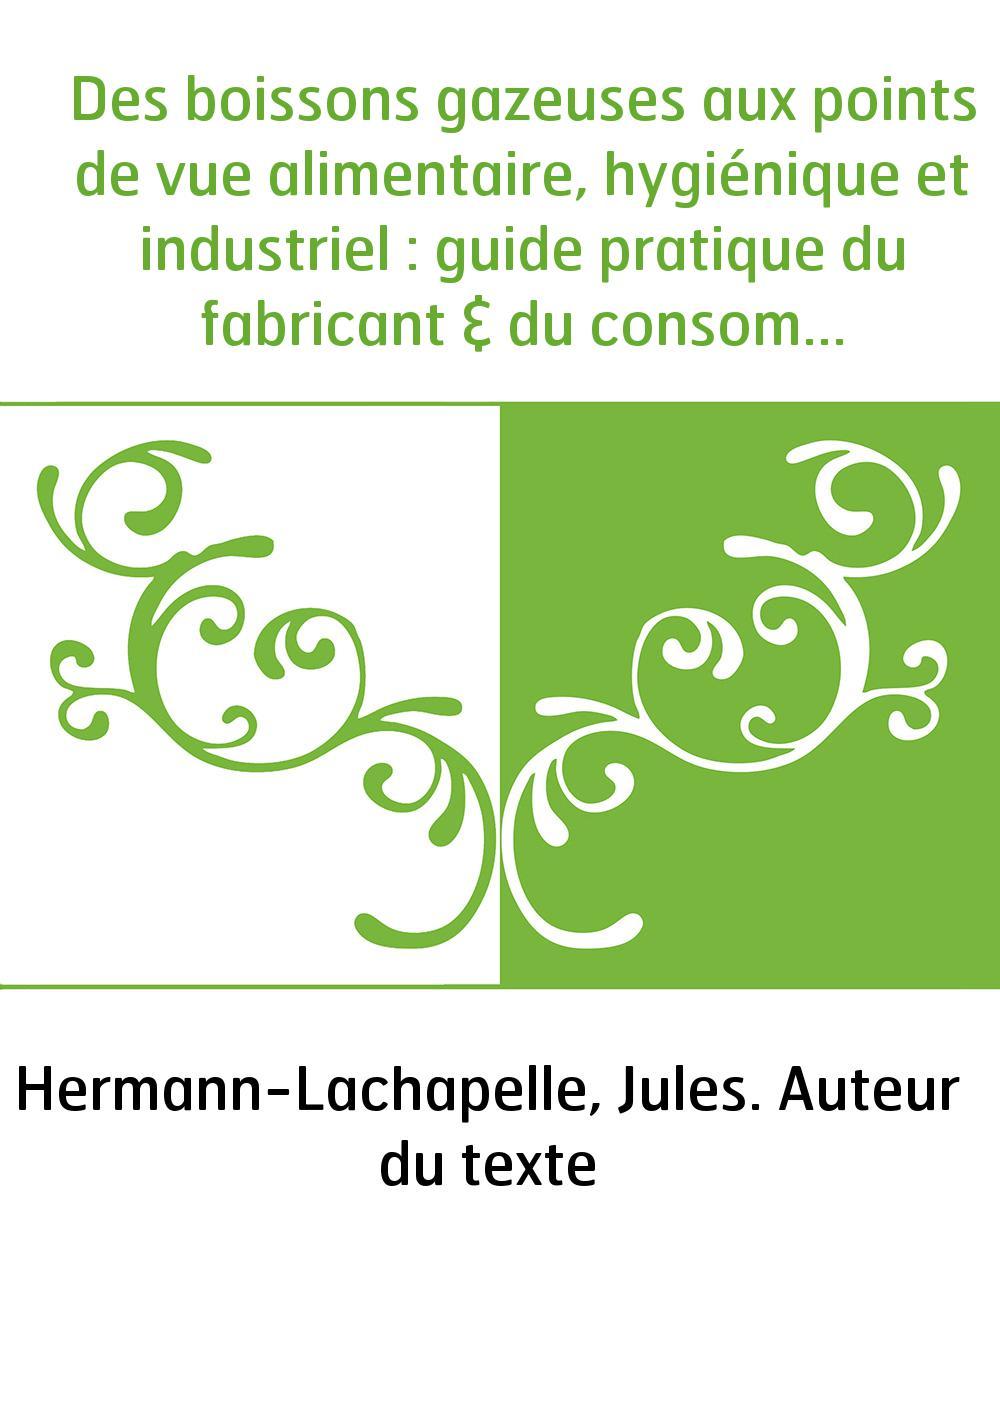 Des boissons gazeuses aux points de vue alimentaire, hygiénique et industriel : guide pratique du fabricant & du consommateur (6